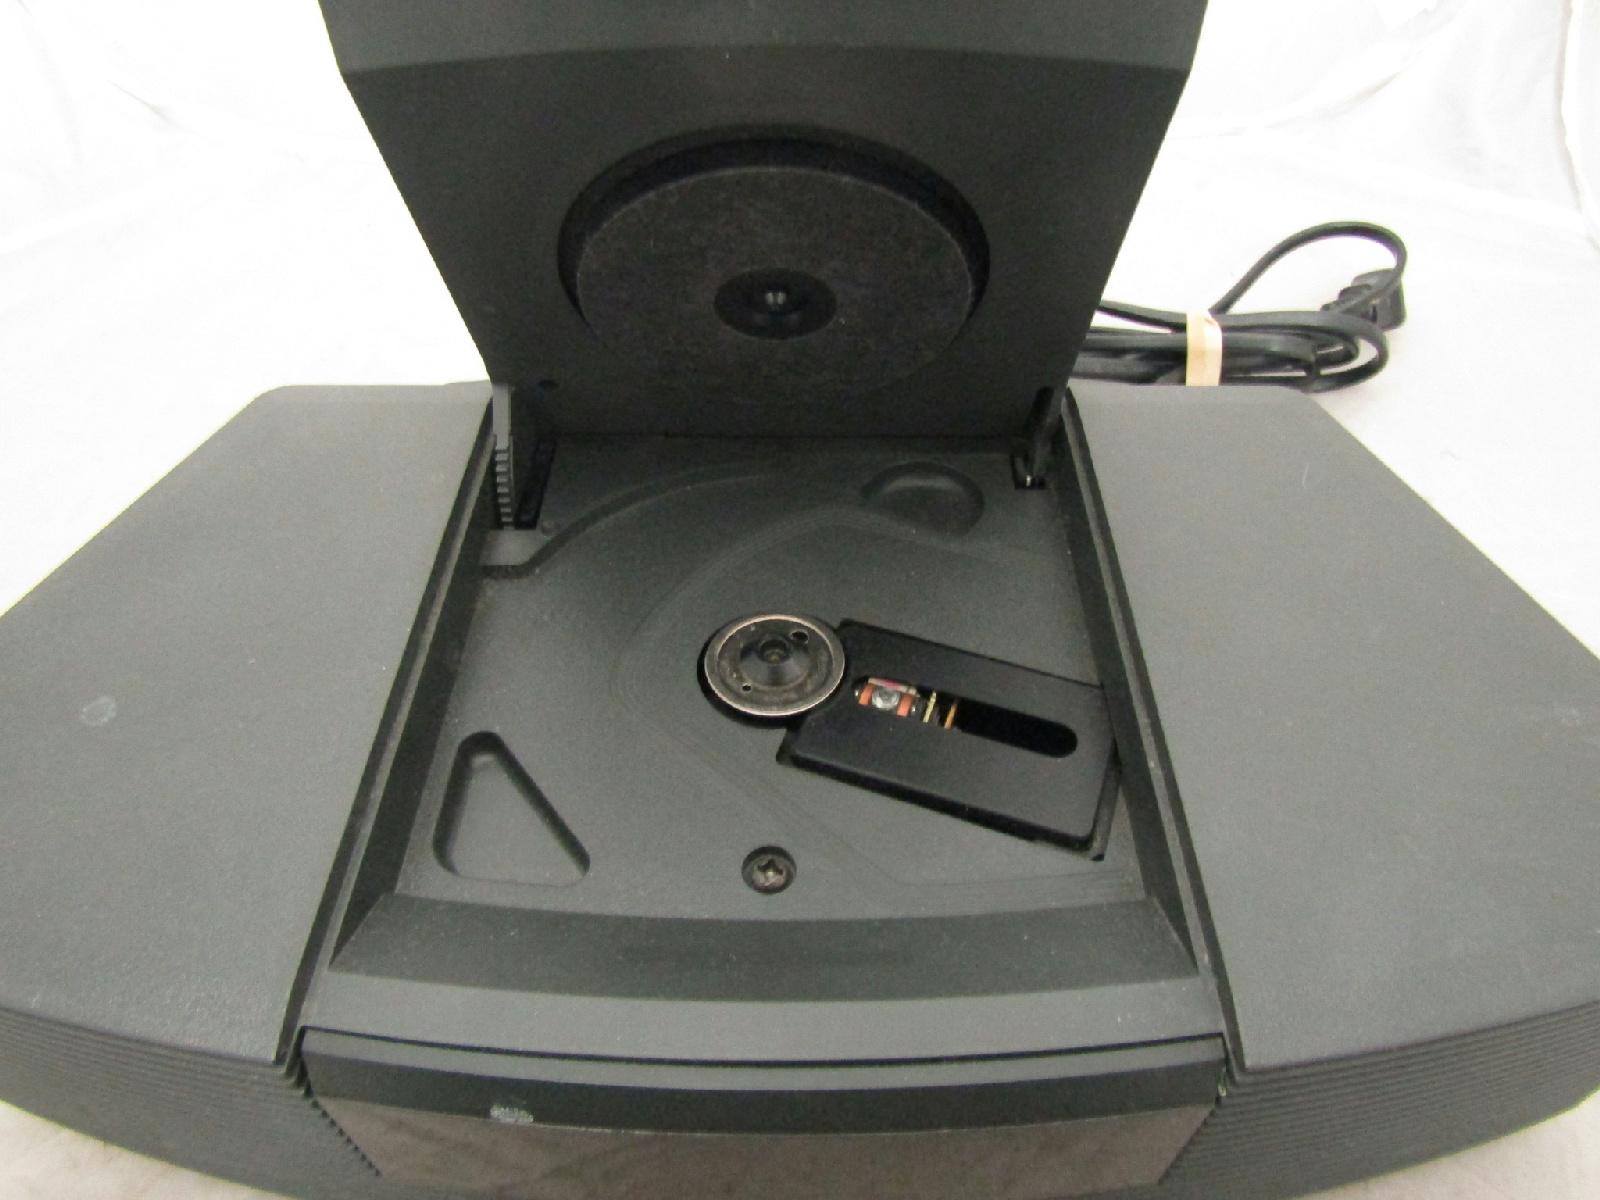 bose wave radio digital alarm clock tested cd player not working ebay. Black Bedroom Furniture Sets. Home Design Ideas